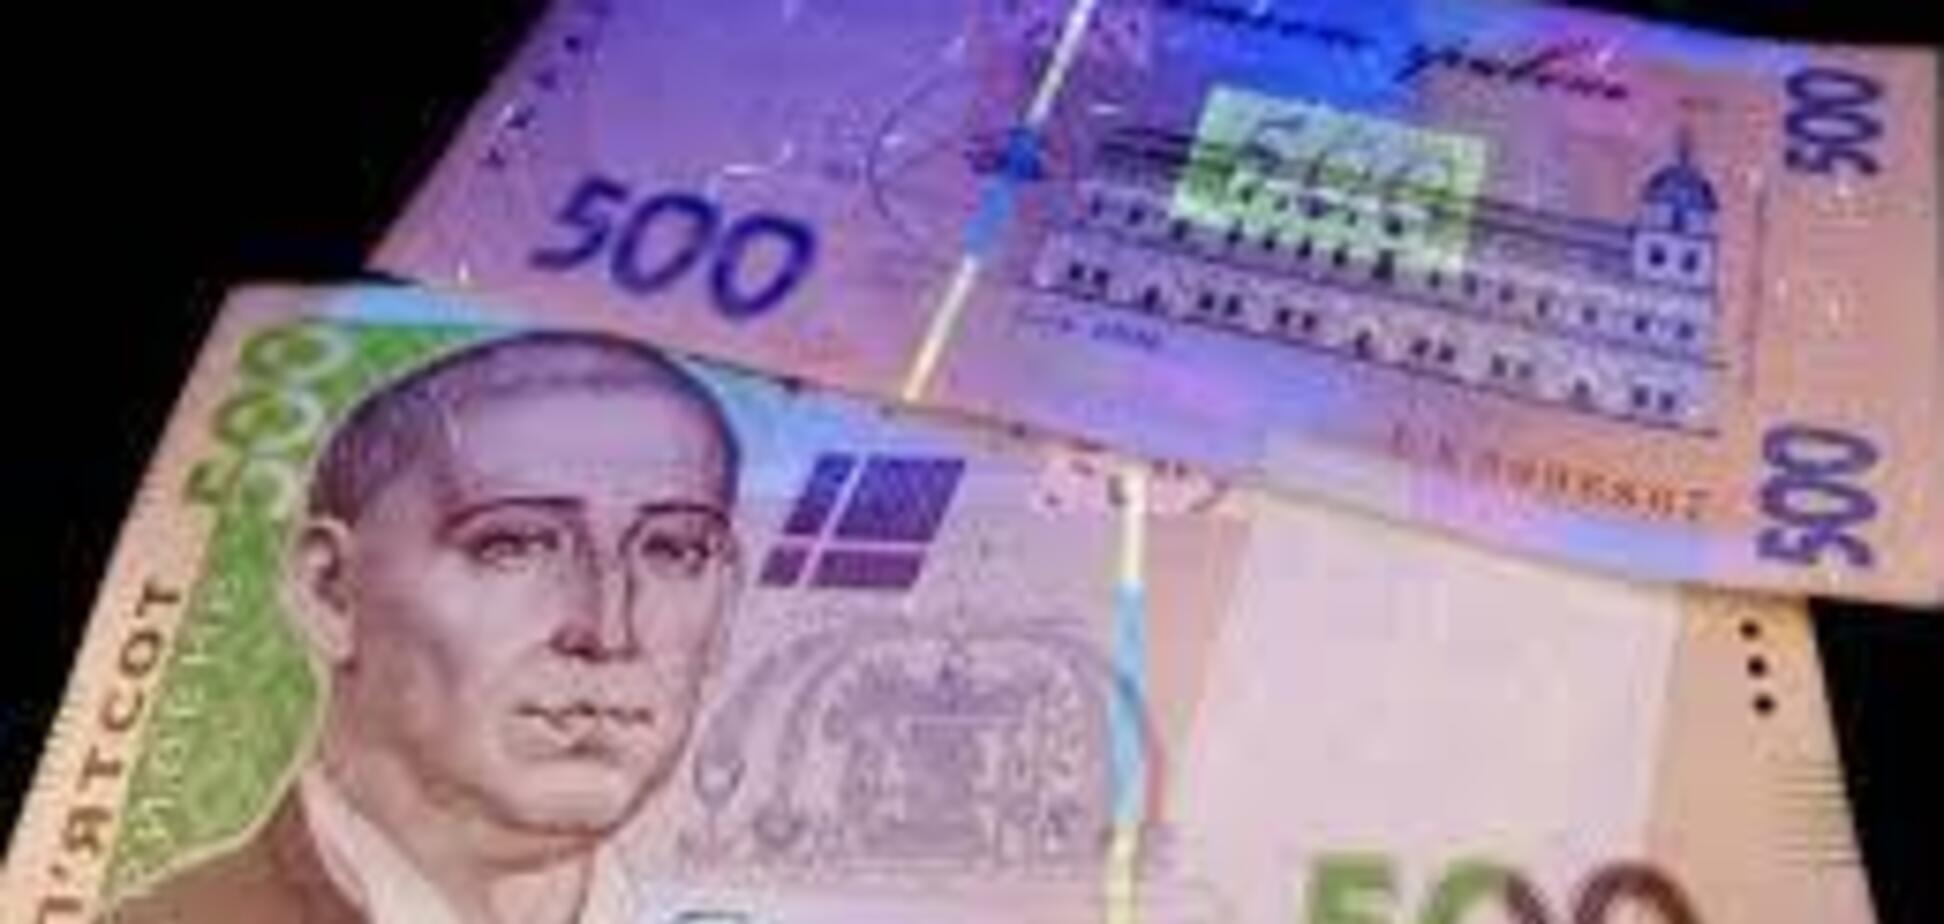 Фальшиві гроші: українцям розповіли, як 'розкусити' підробку